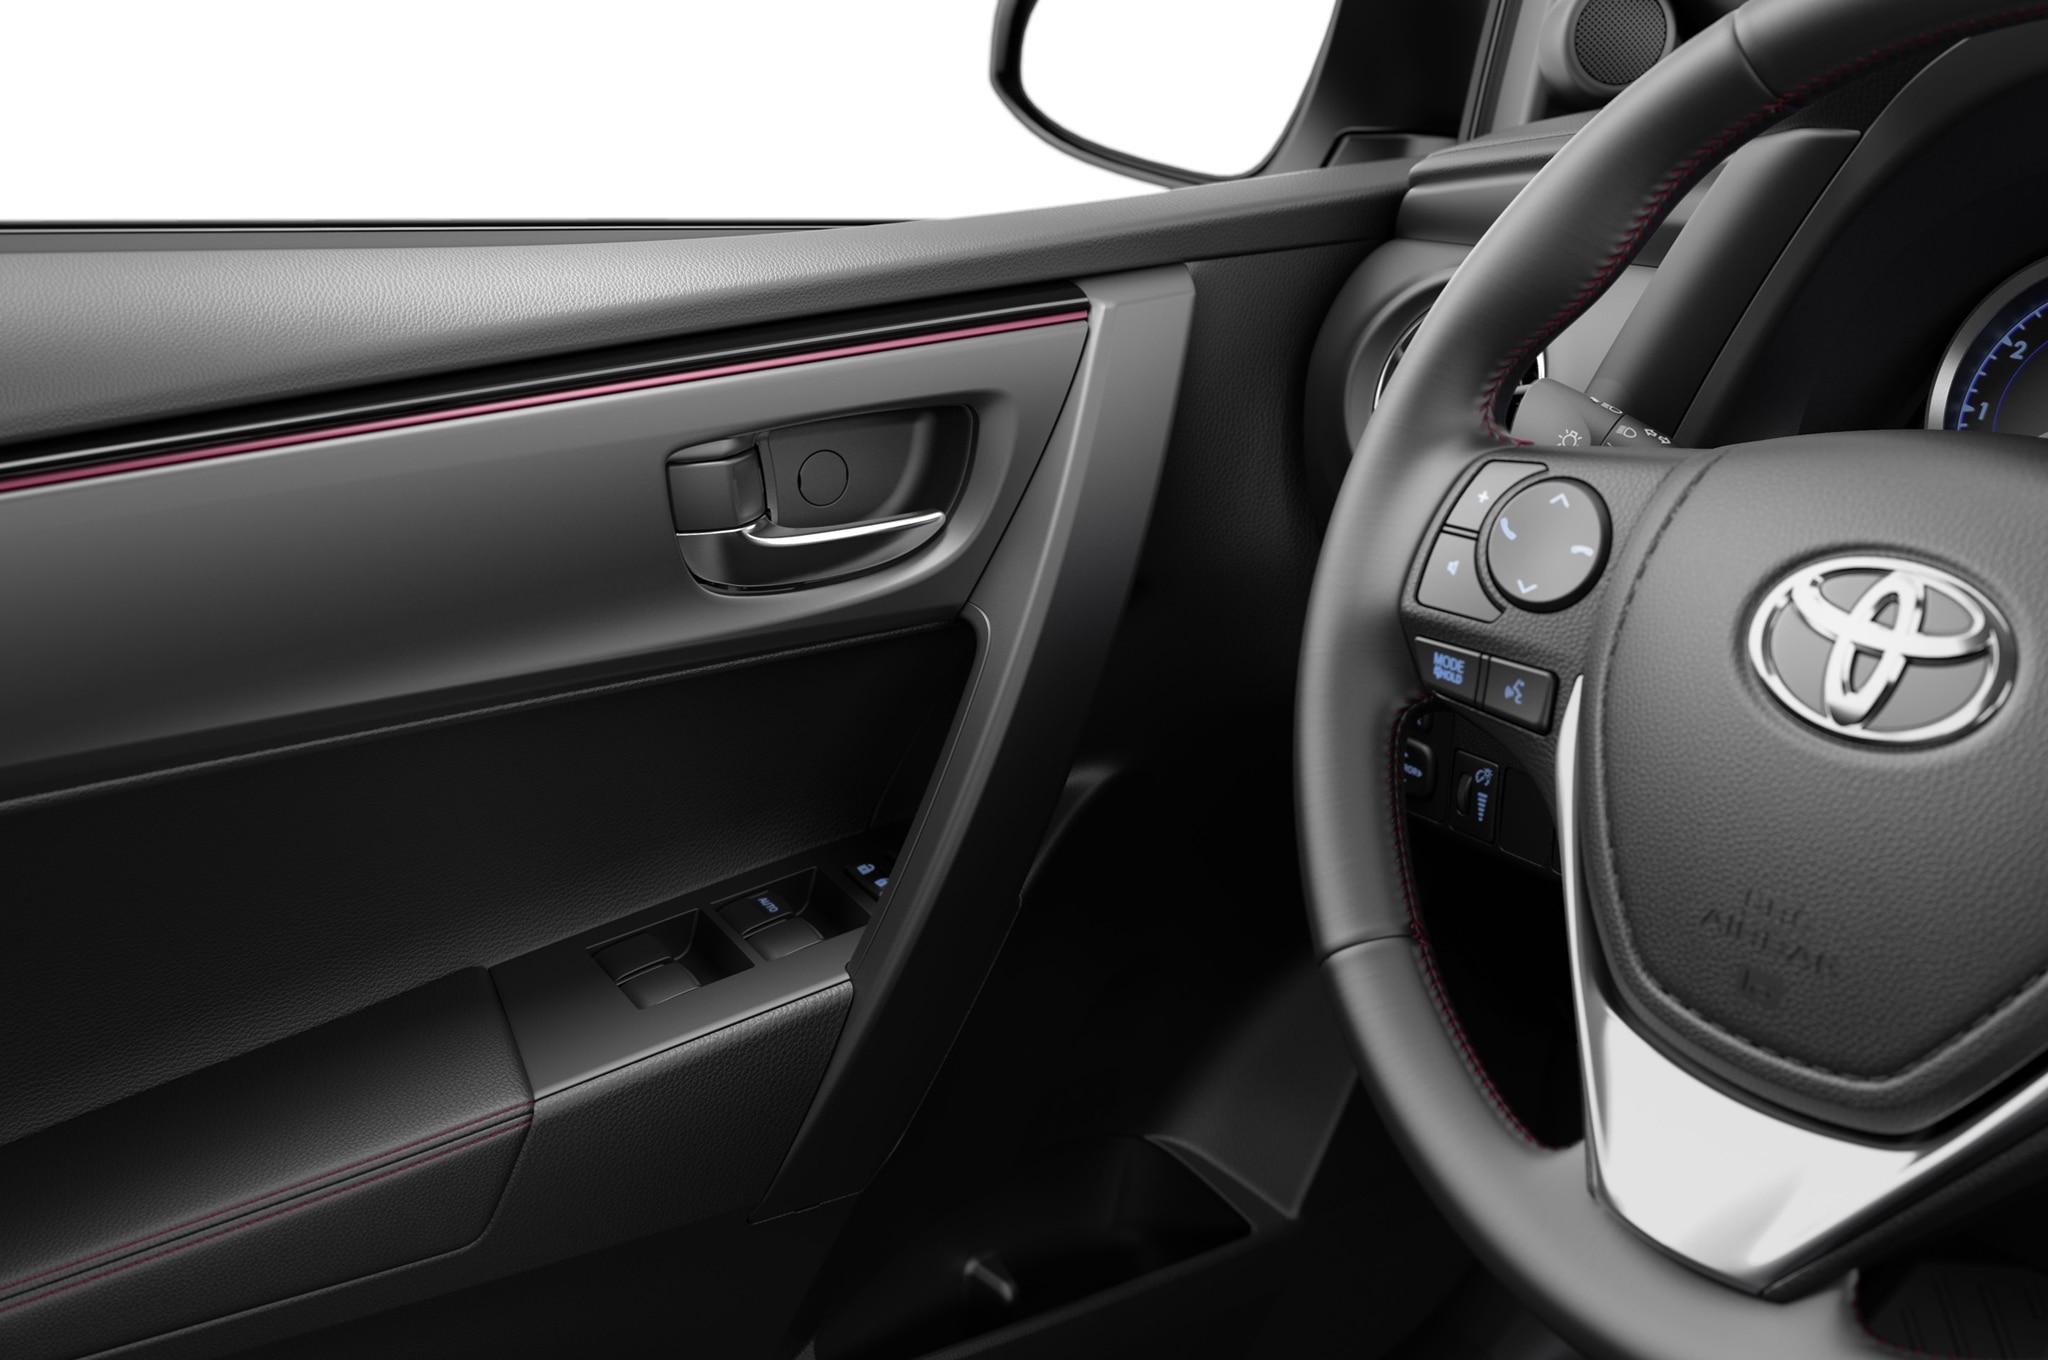 2017 toyota corolla 50th anniversary edition debut in new - 2016 toyota corolla interior colors ...